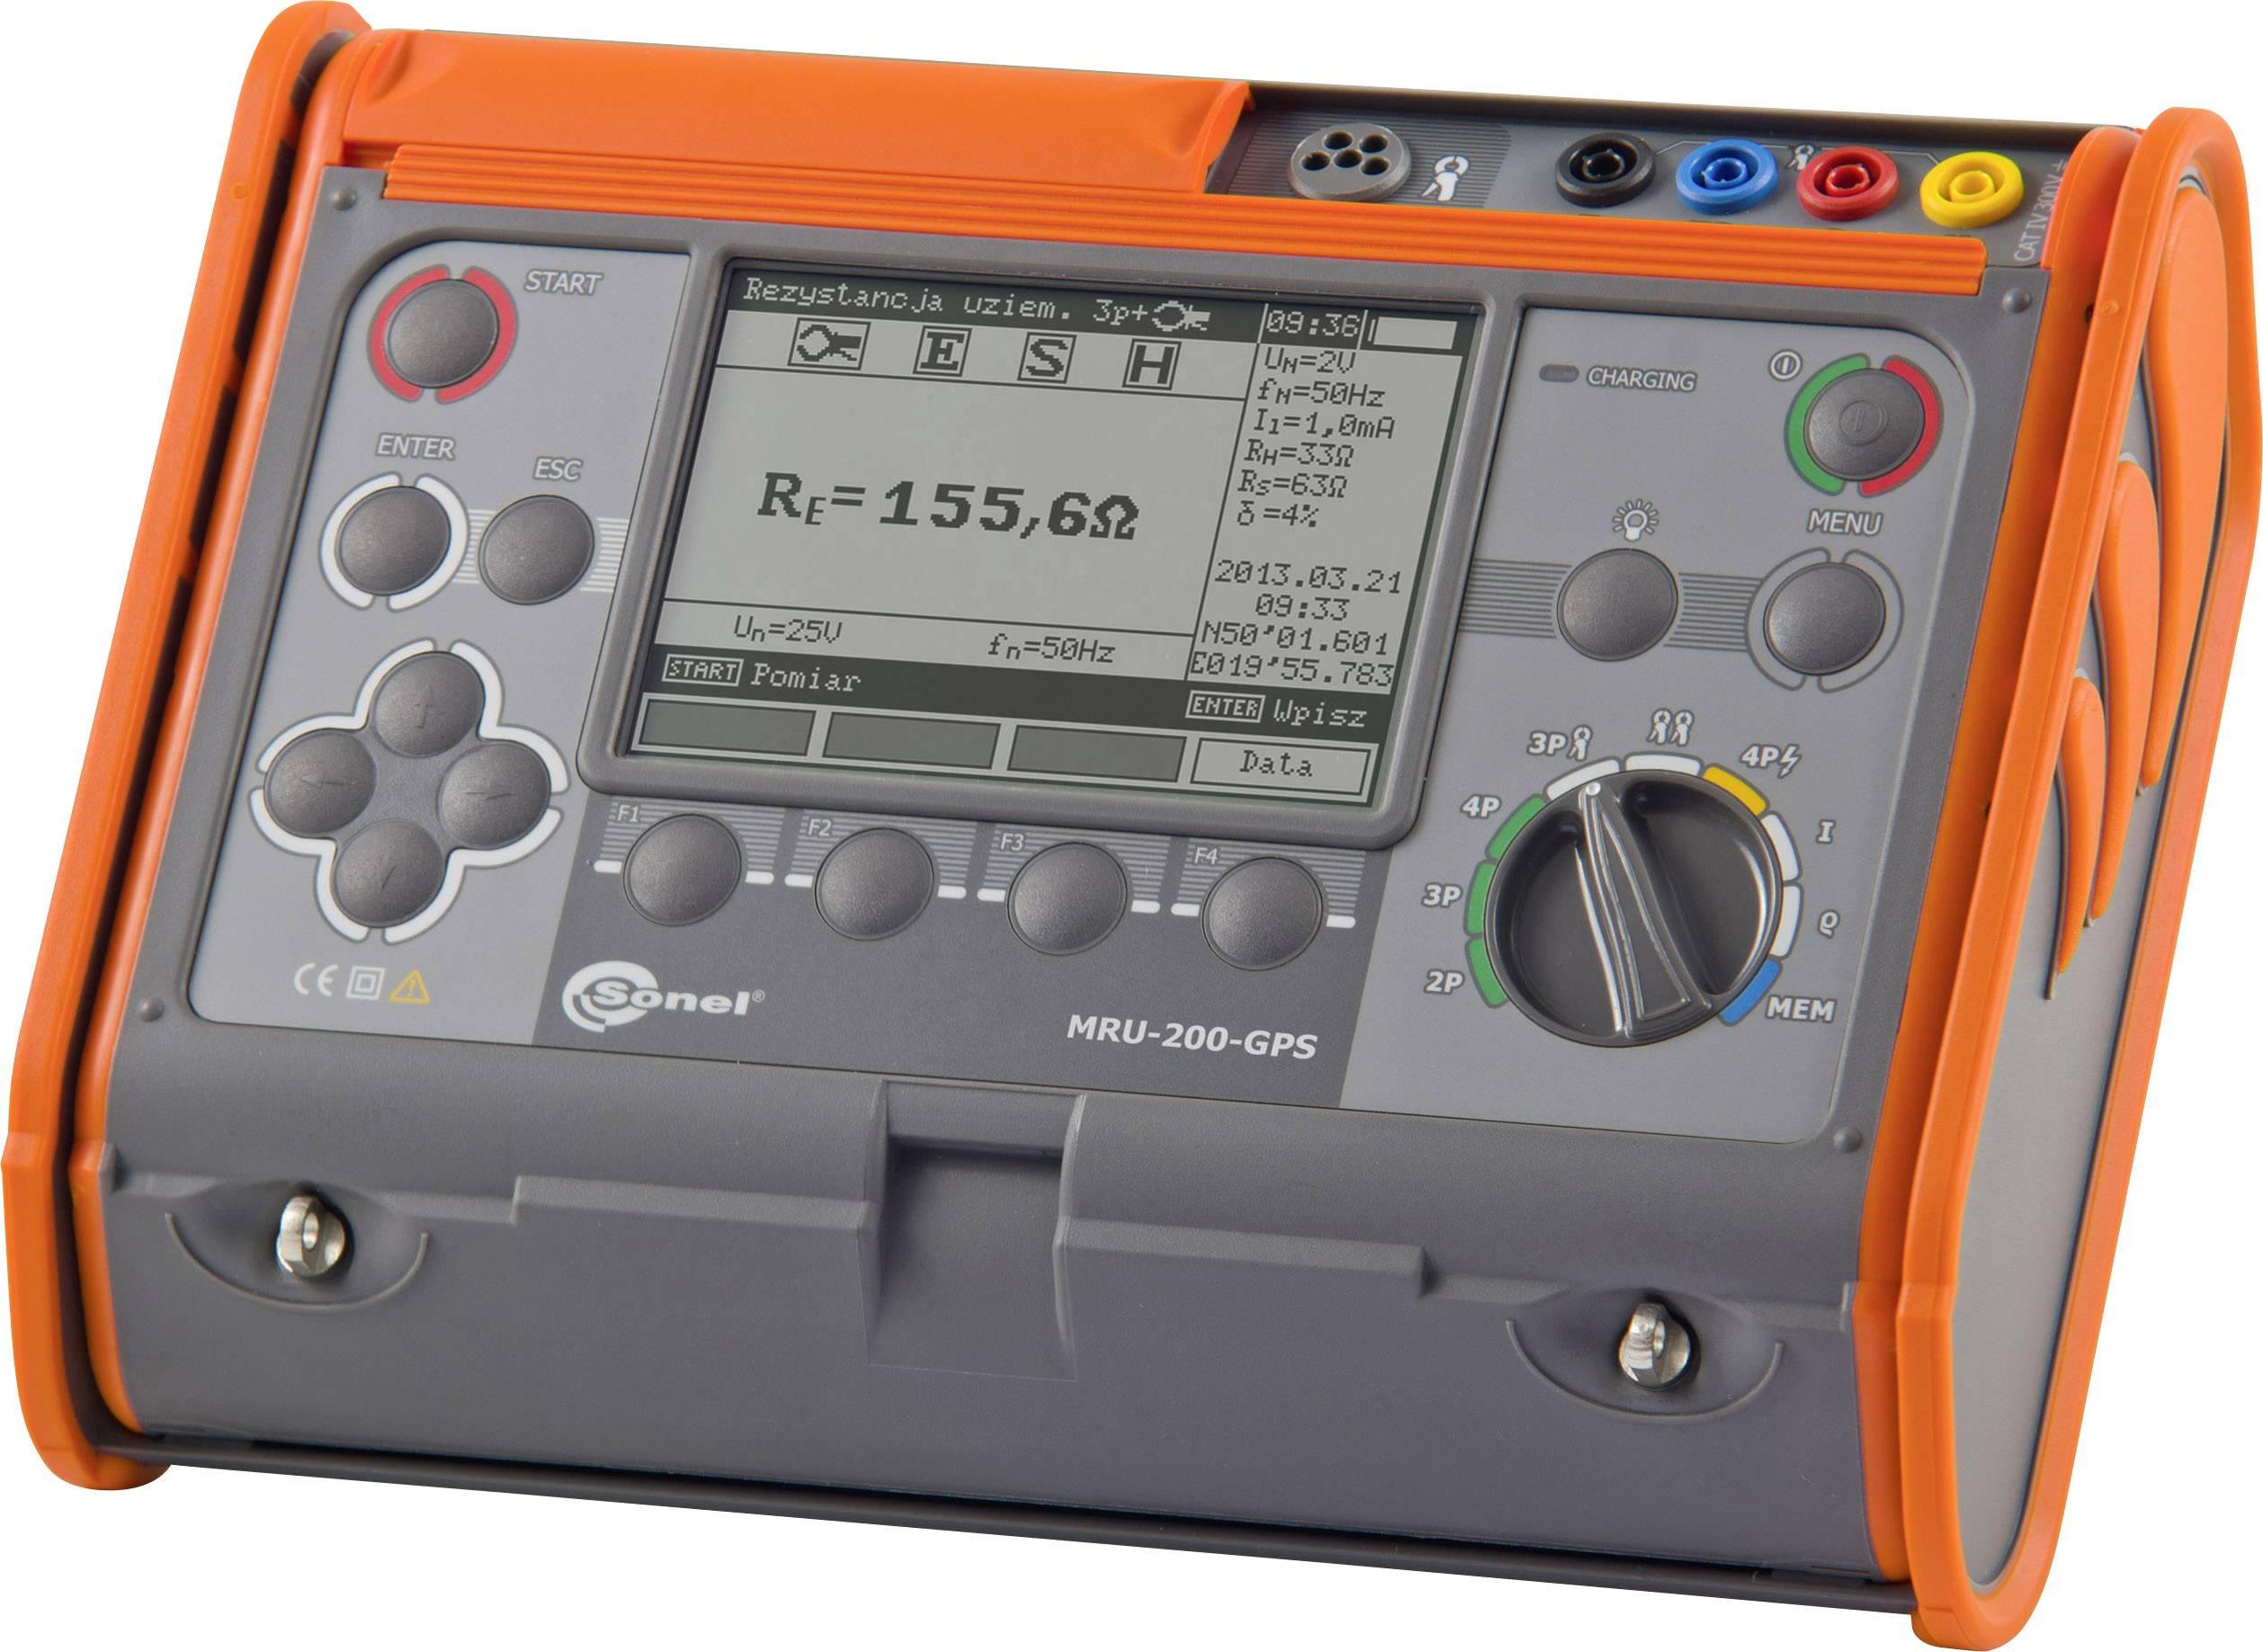 Merač zemných odporov Sonel MRU-200GPS